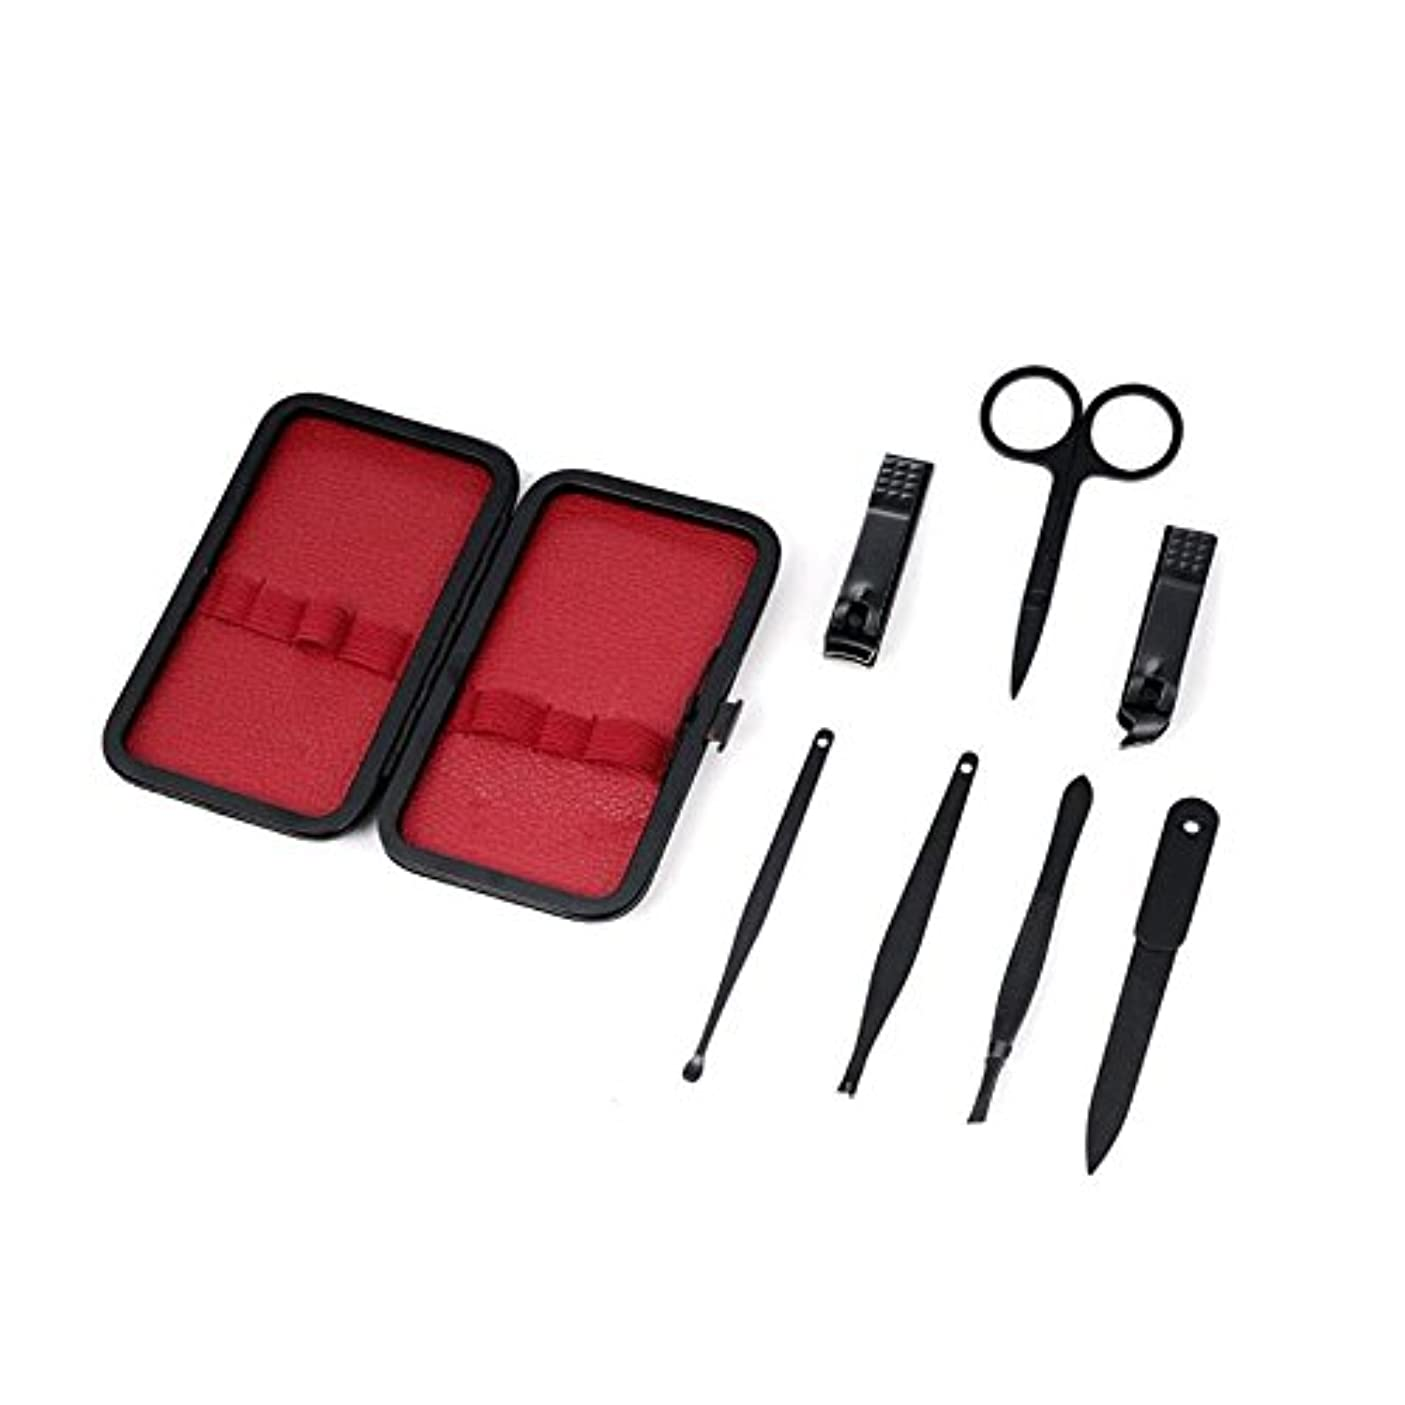 匹敵します割る研磨1stモール 爪切りセット 7点セット ネイルケア フルセット 携帯 便利 グルーミング キット ステンレス製 つめきり ST-BOYS2MEN